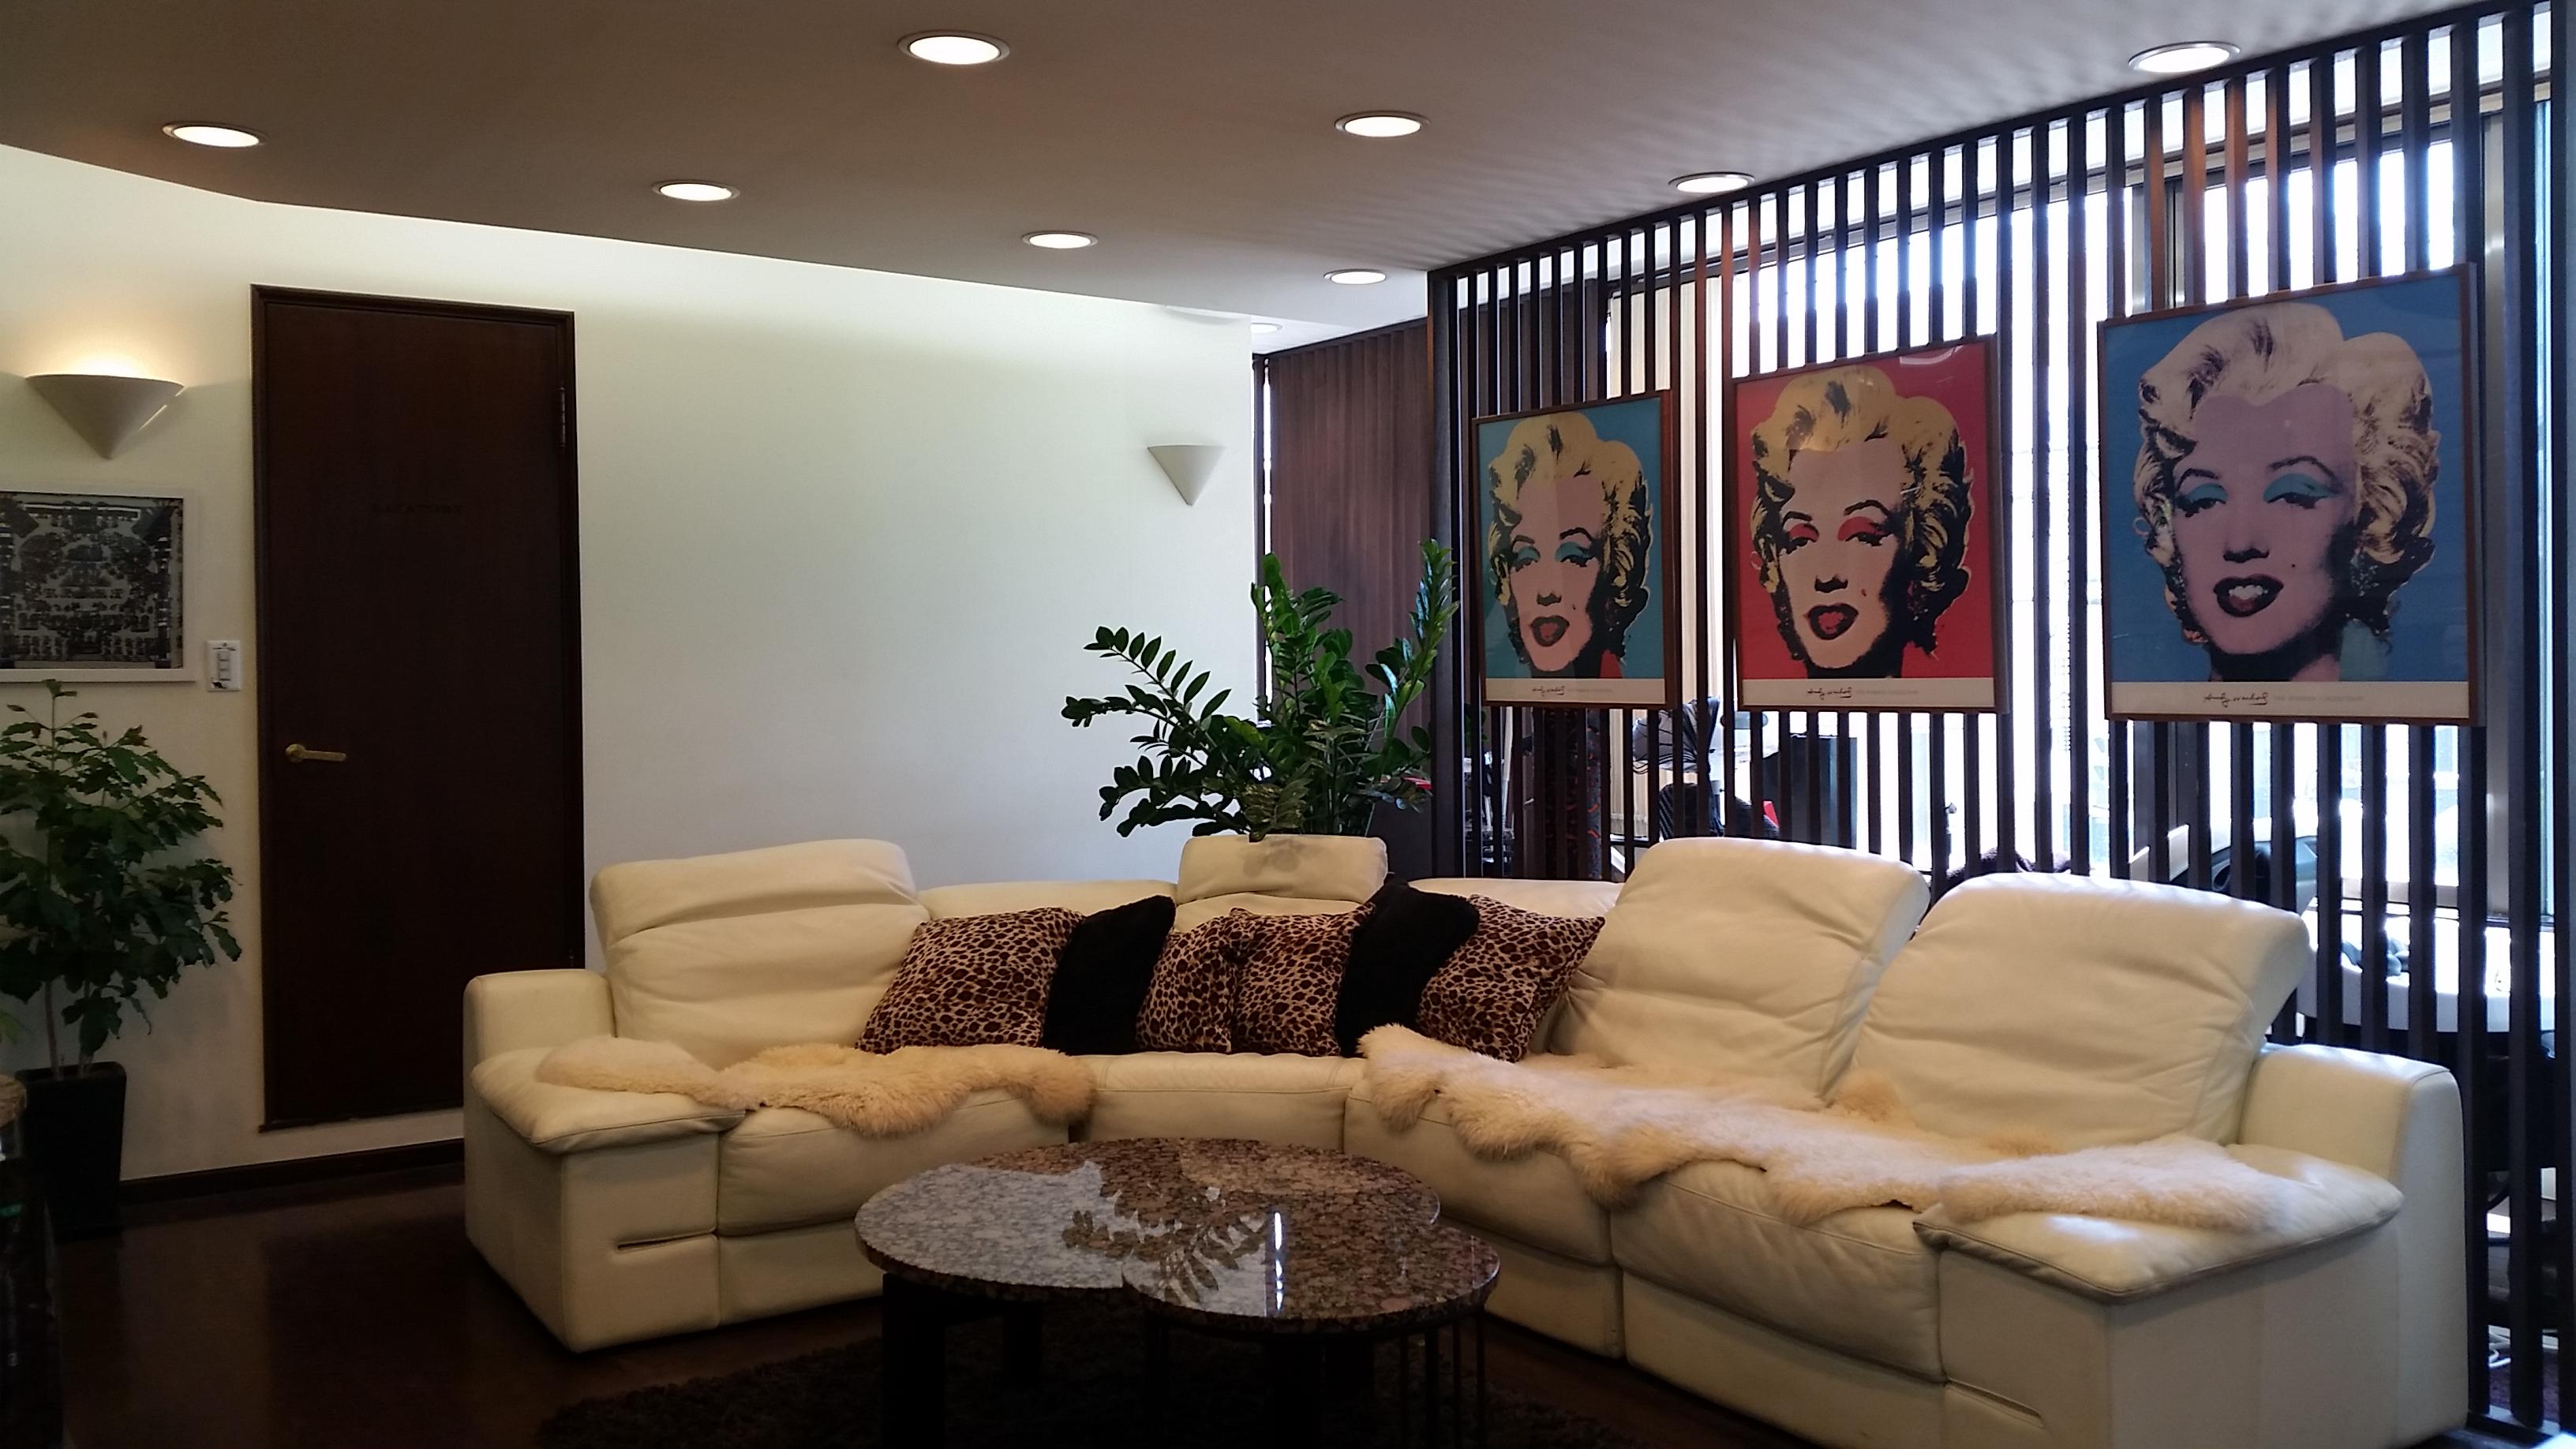 生野区デファム 美容室 髪質改善 酸熱トリートメント 美容院 美容室  DE・FEMME(デファム)